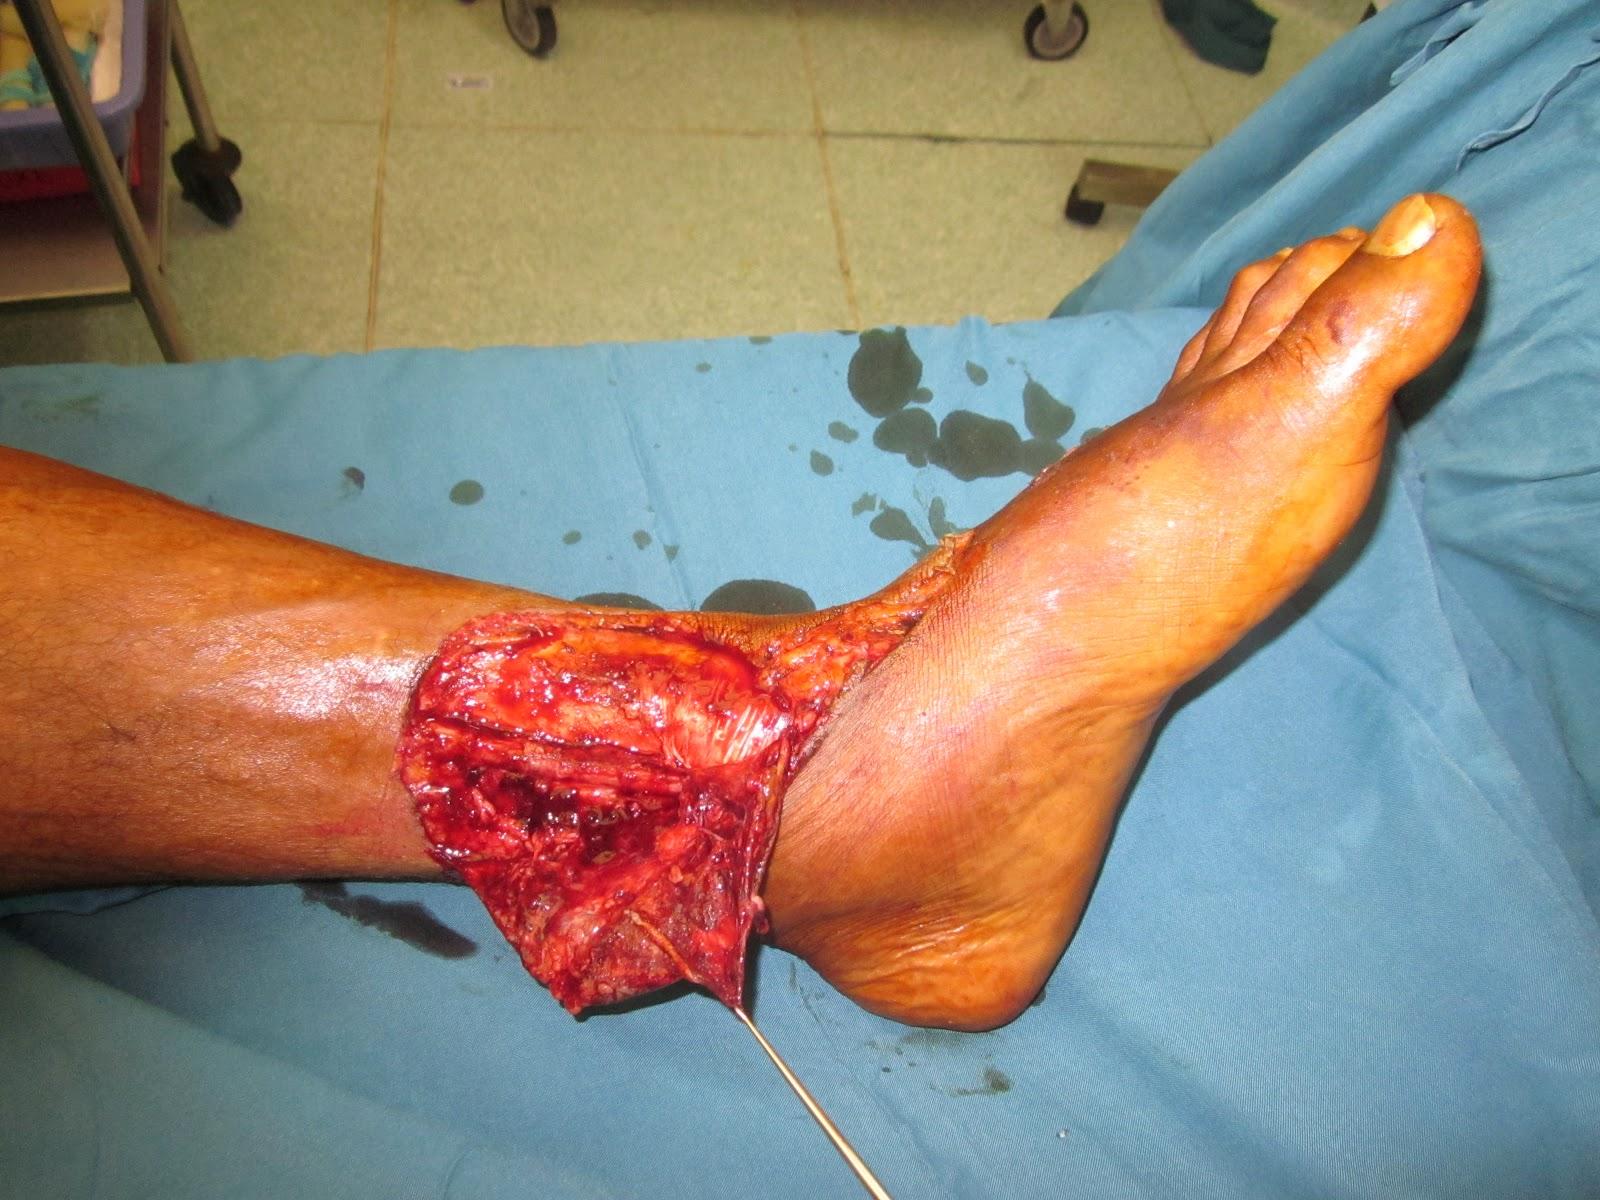 SKIN AVULSION INJURY LOWER THIRD LEG AND DORSUM ANKLE